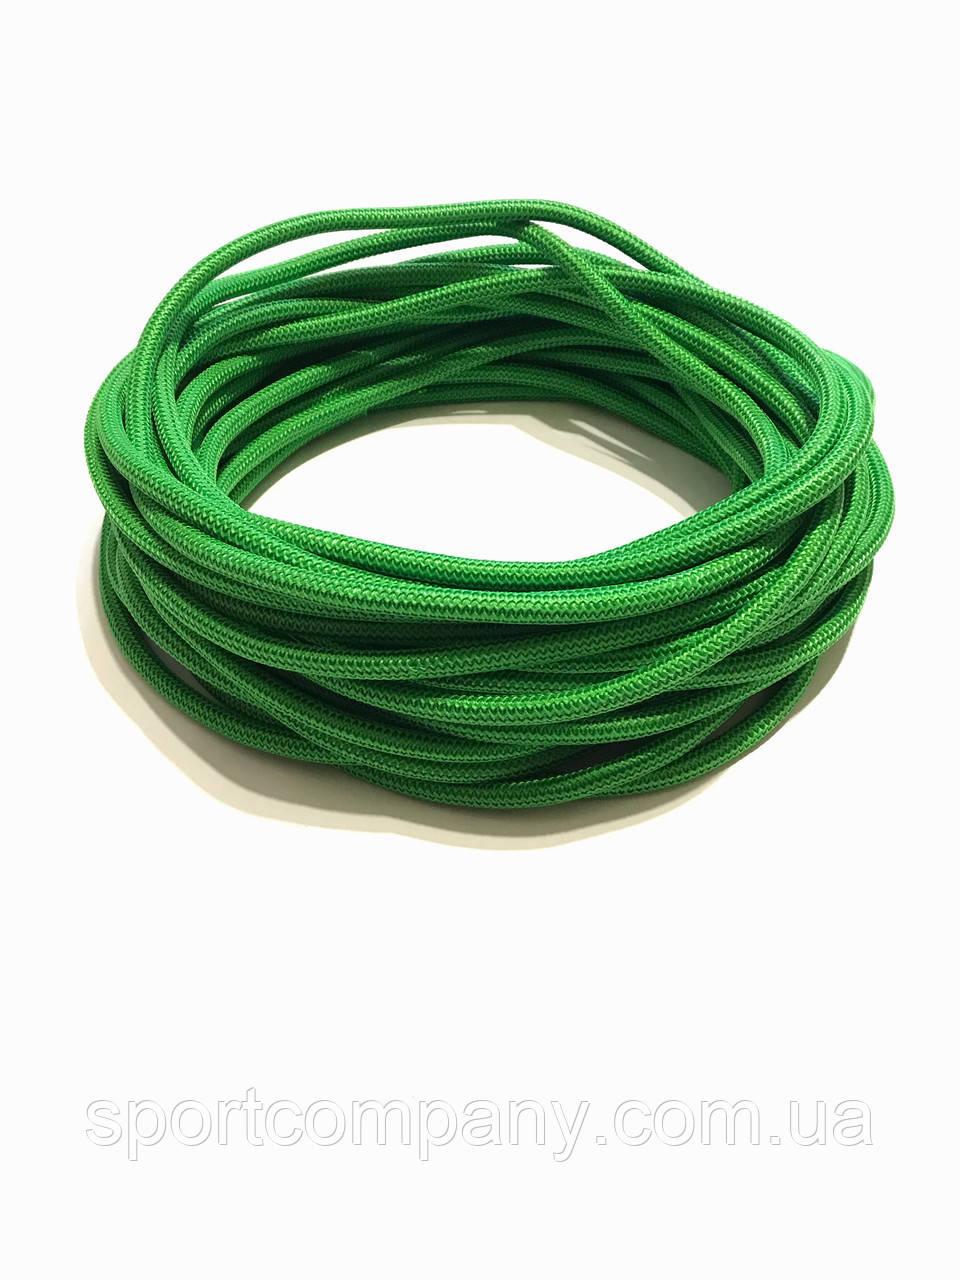 Жгут спортивный резиновый в тканевой оплетке ( резина, d-10 мм, I-400 см, зелёный  ) rez.zhyt10green